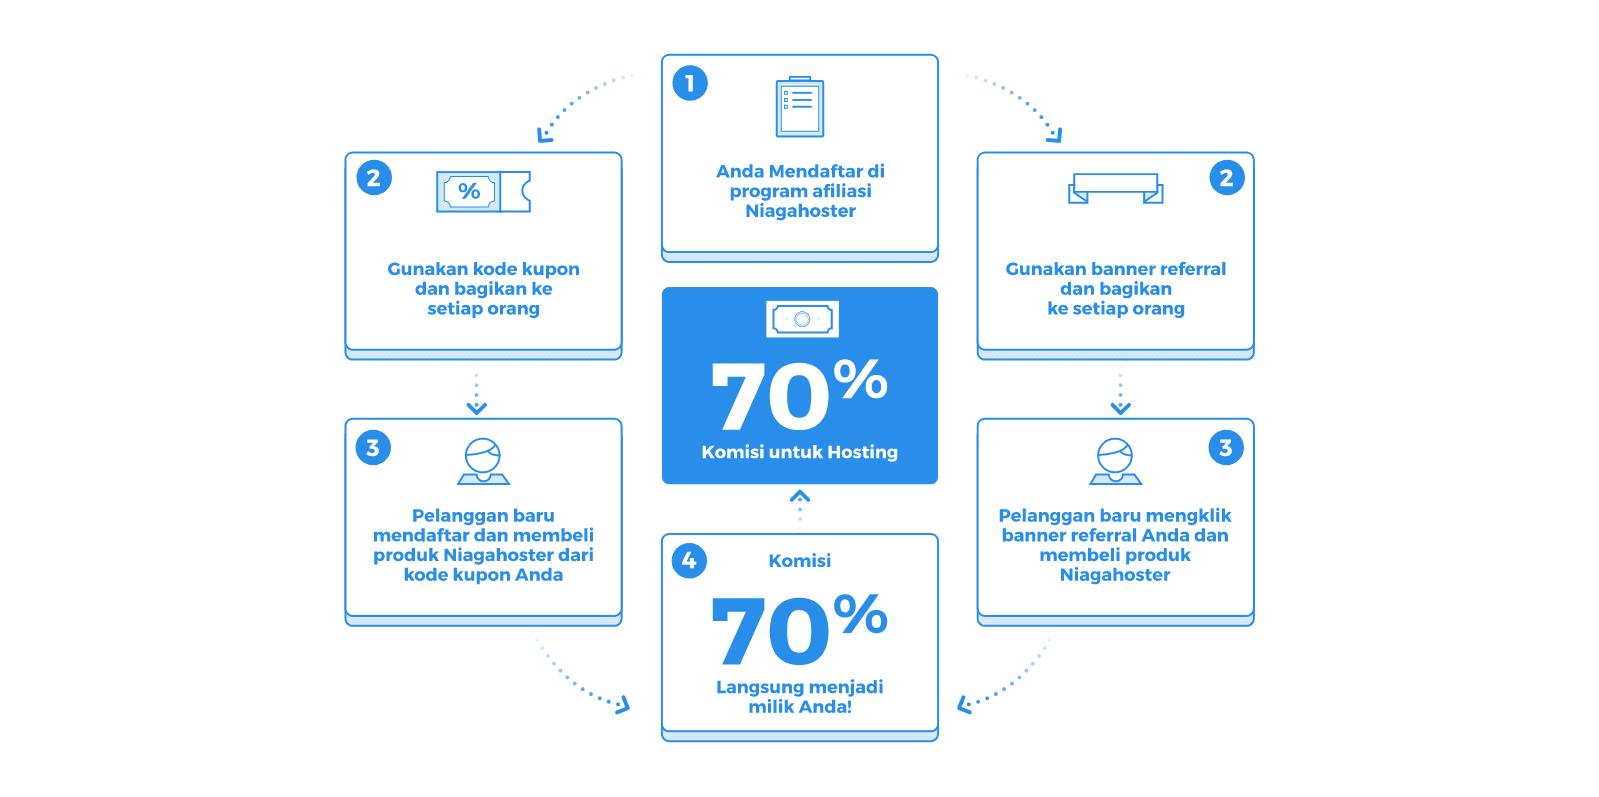 Bagan Program Afiliasi Indonesia untuk mendapatkan uang dari internet.